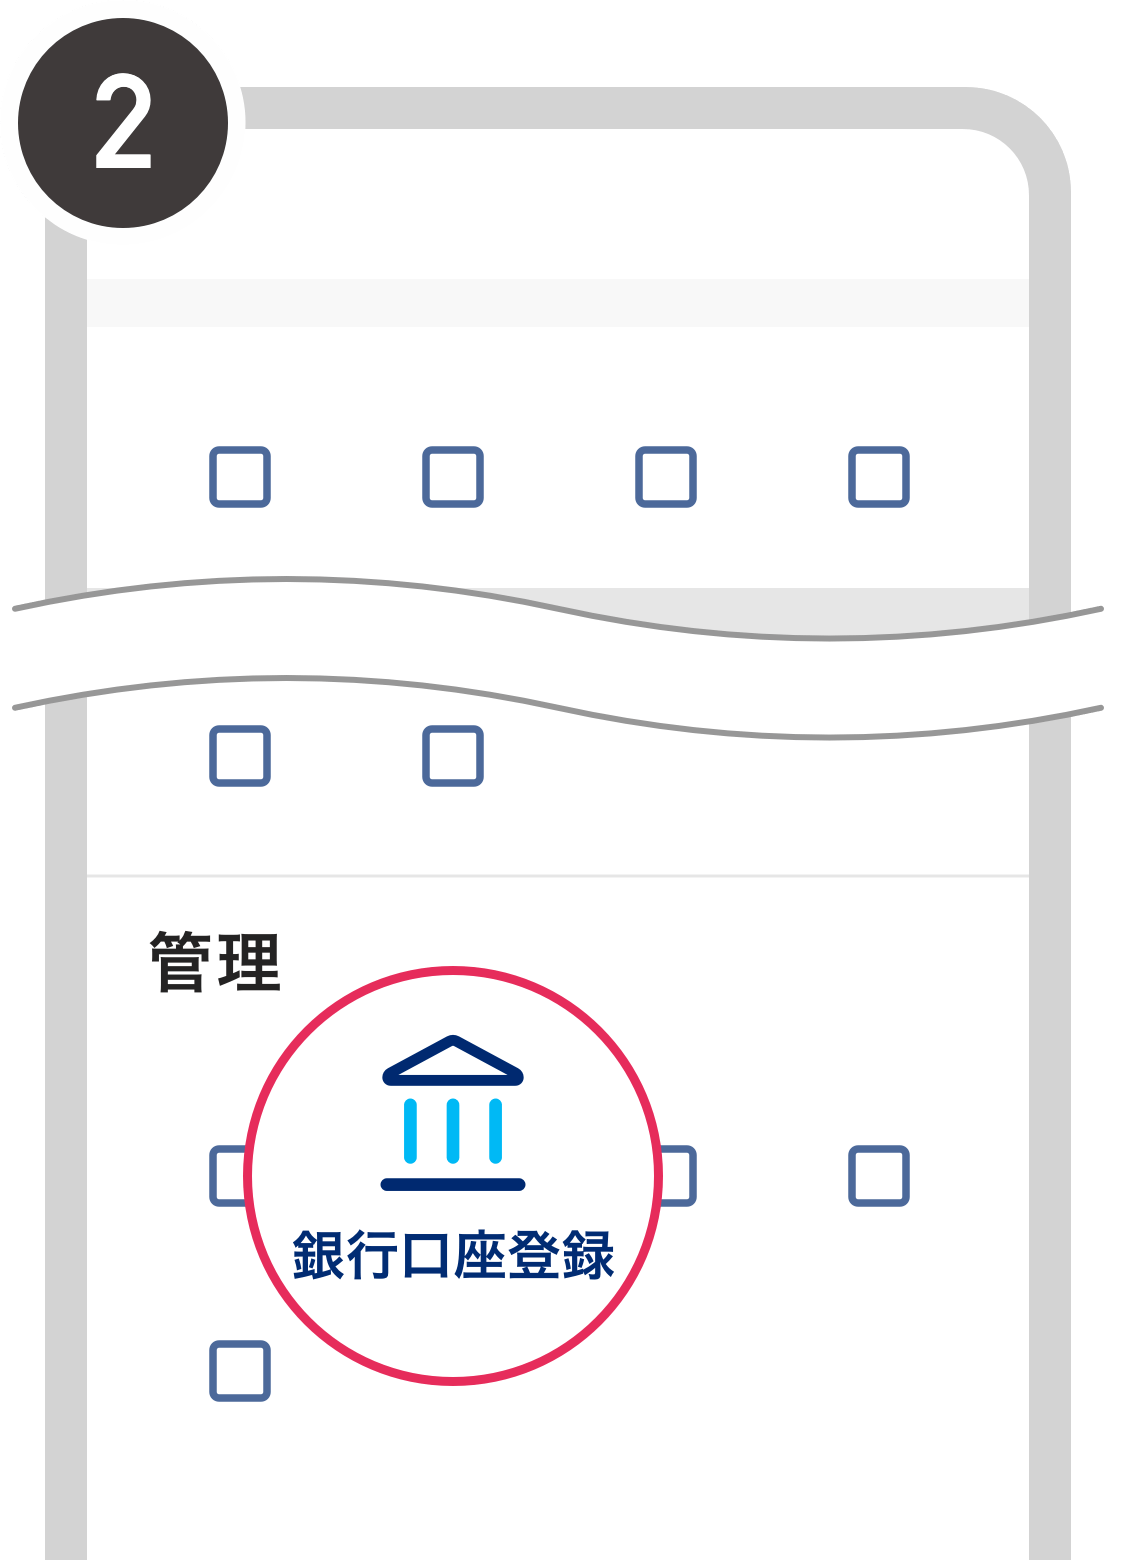 銀行 paypay ゆうちょ